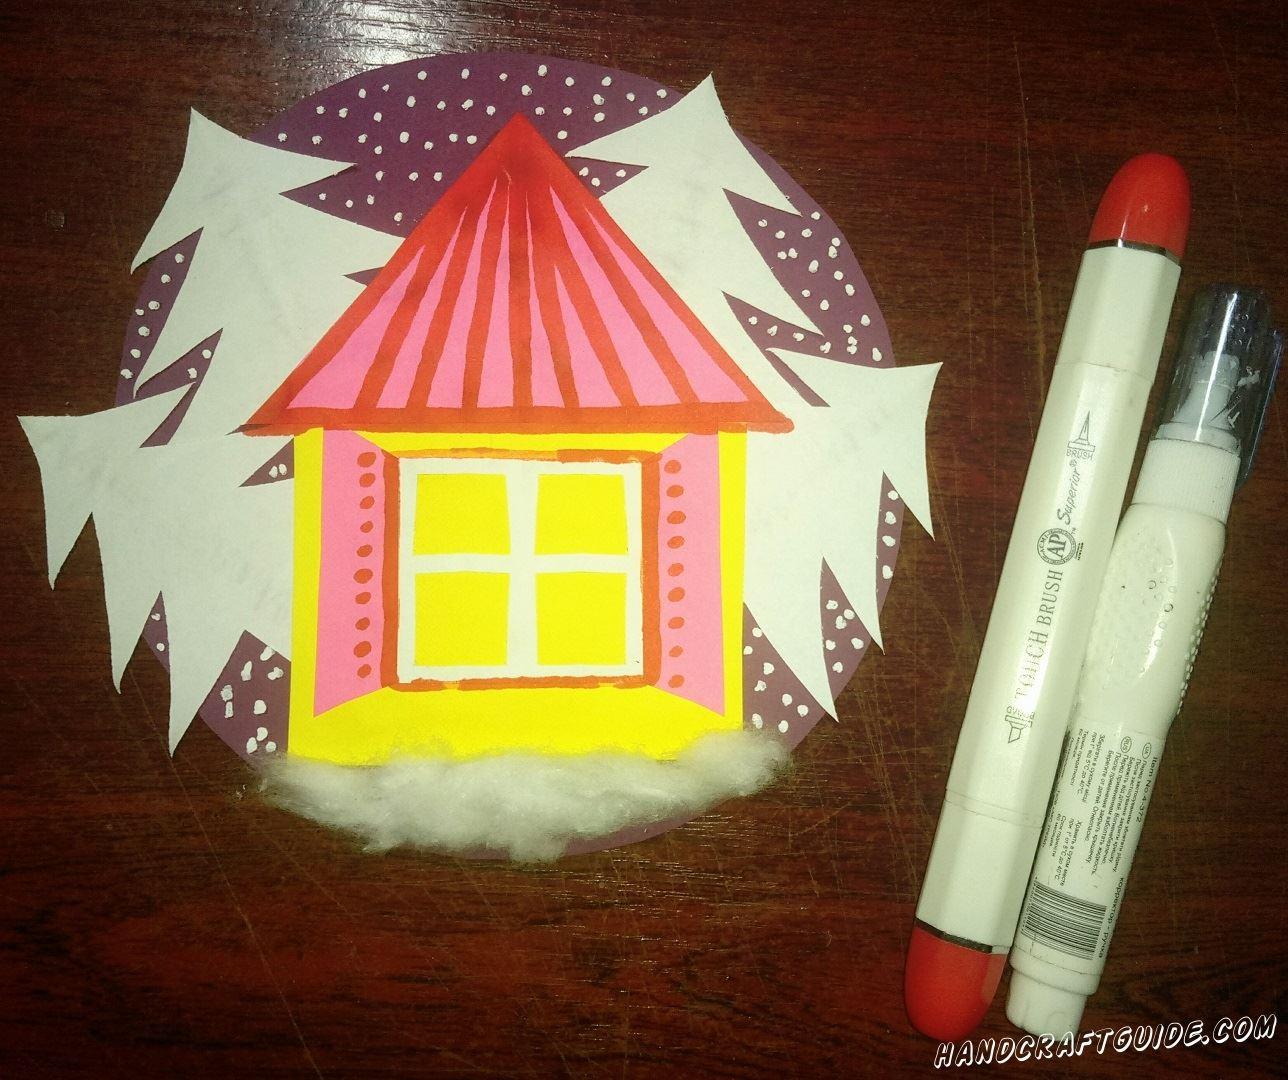 Корректором или белой краской рисуем снежинки, летящие среди деревьев. А также красиво разрисовываем домик, с помощью фломастеров